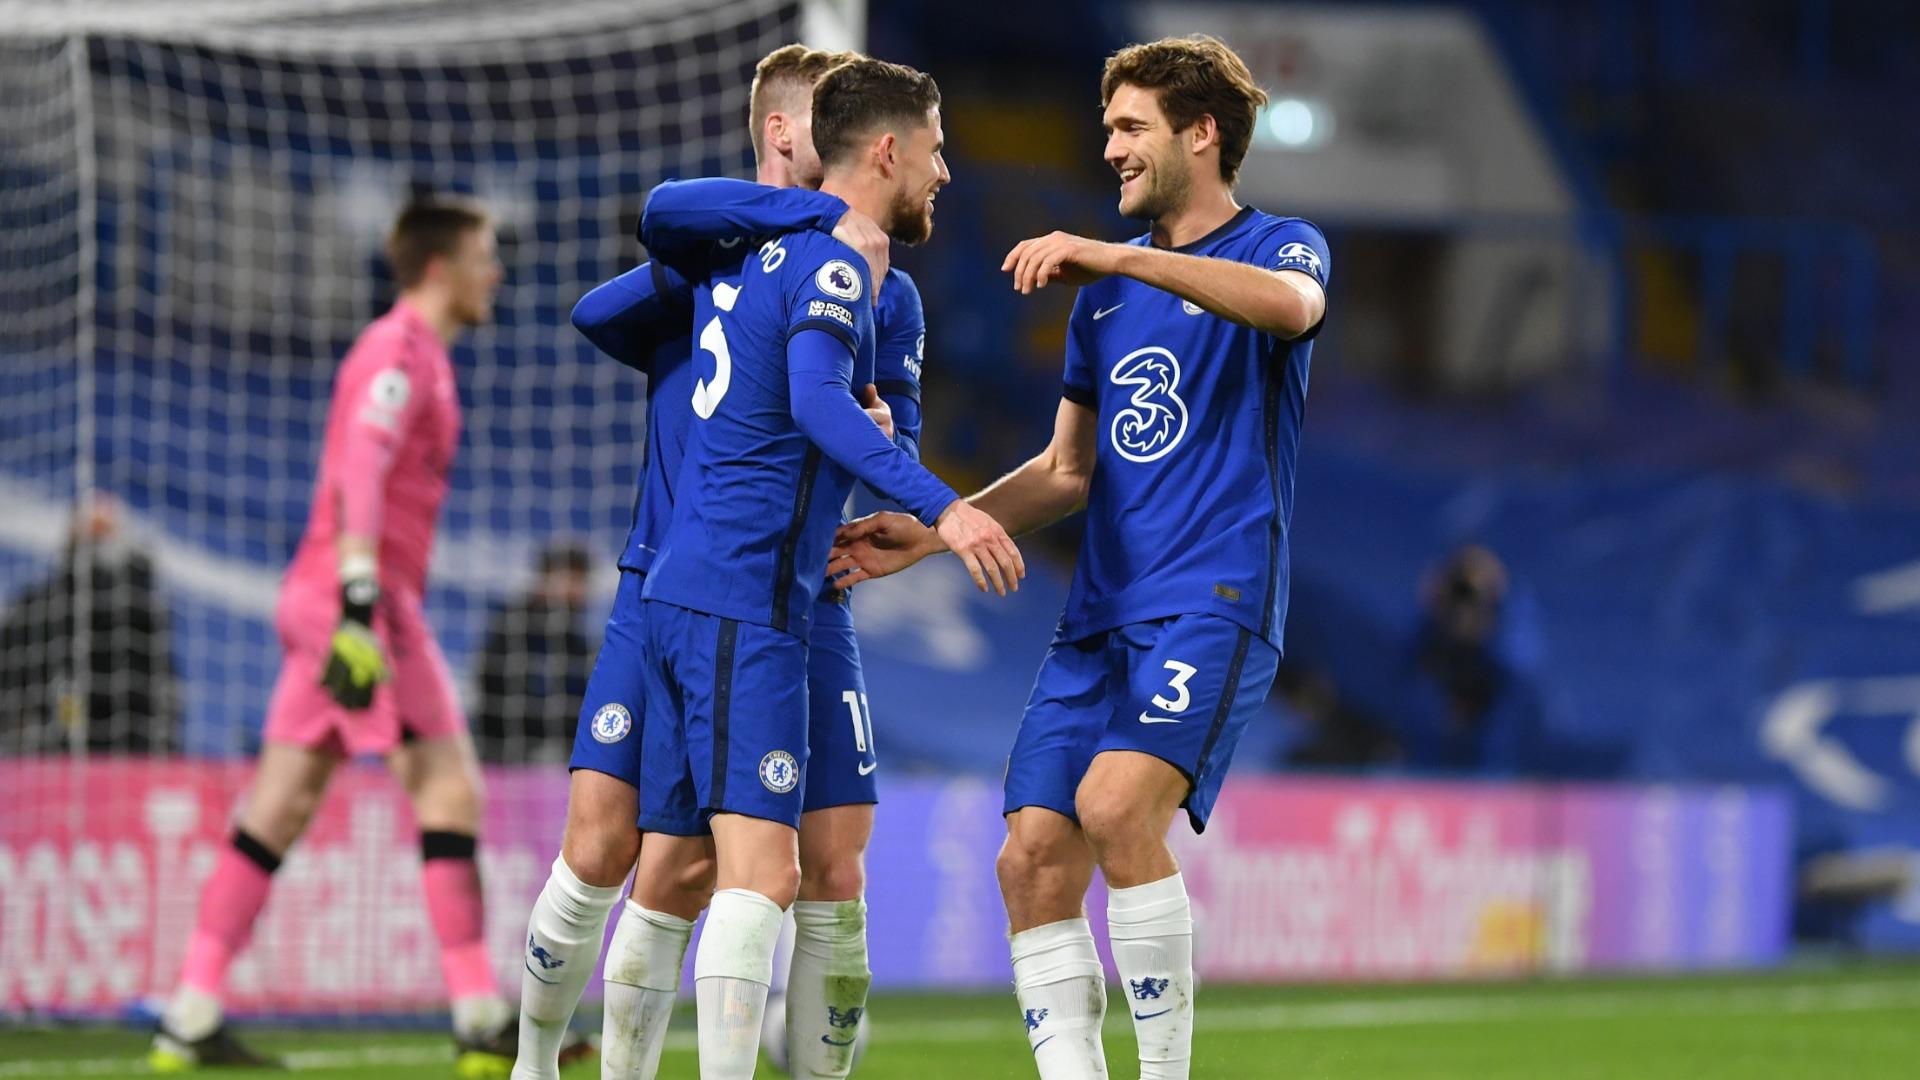 Chelsea 2-0 Everton: Tuchel extends unbeaten start as Blues boss